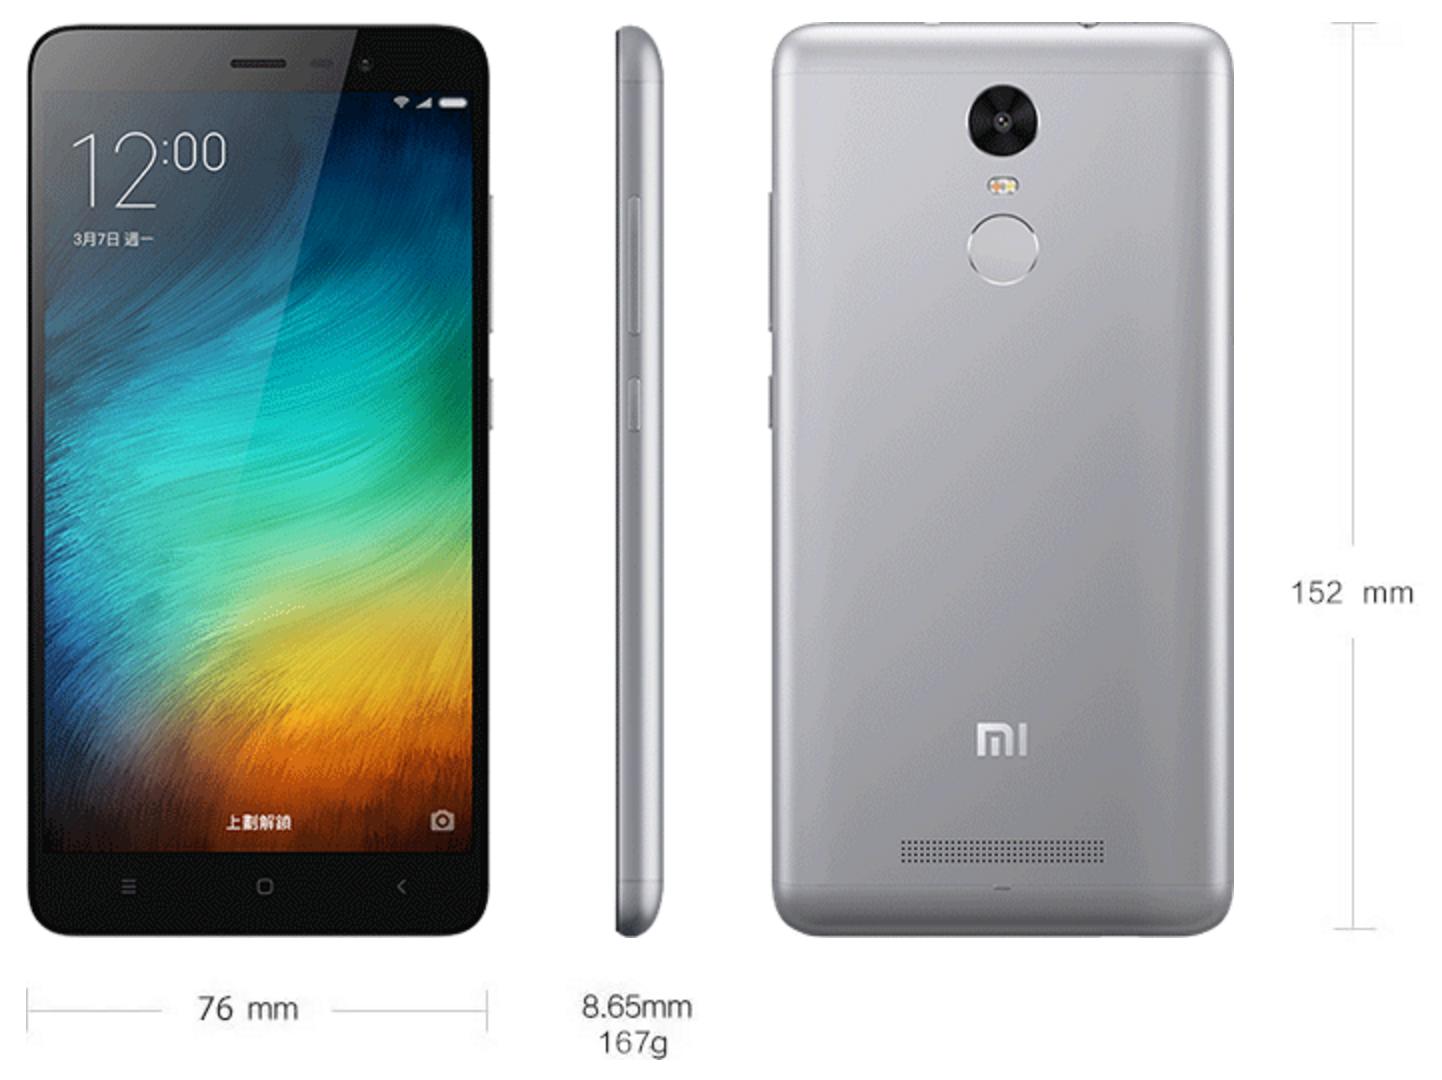 Xiaomi Redmi Note 3 Pro Mit Lte Band 20 800mhz